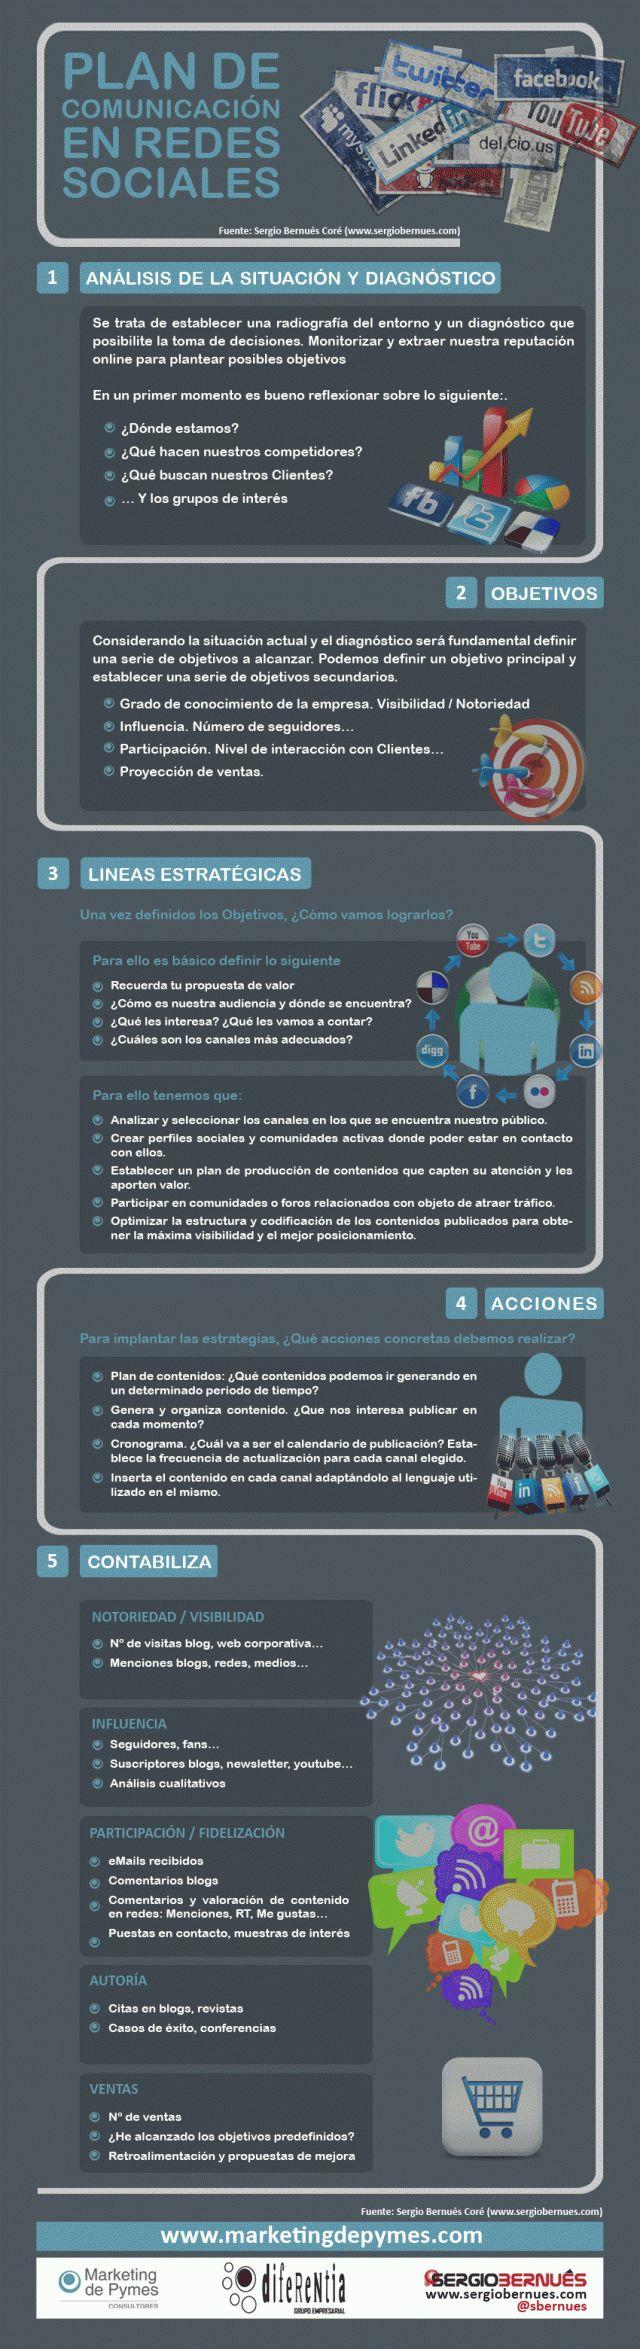 Plan de comunicación en Redes Sociales #infografia